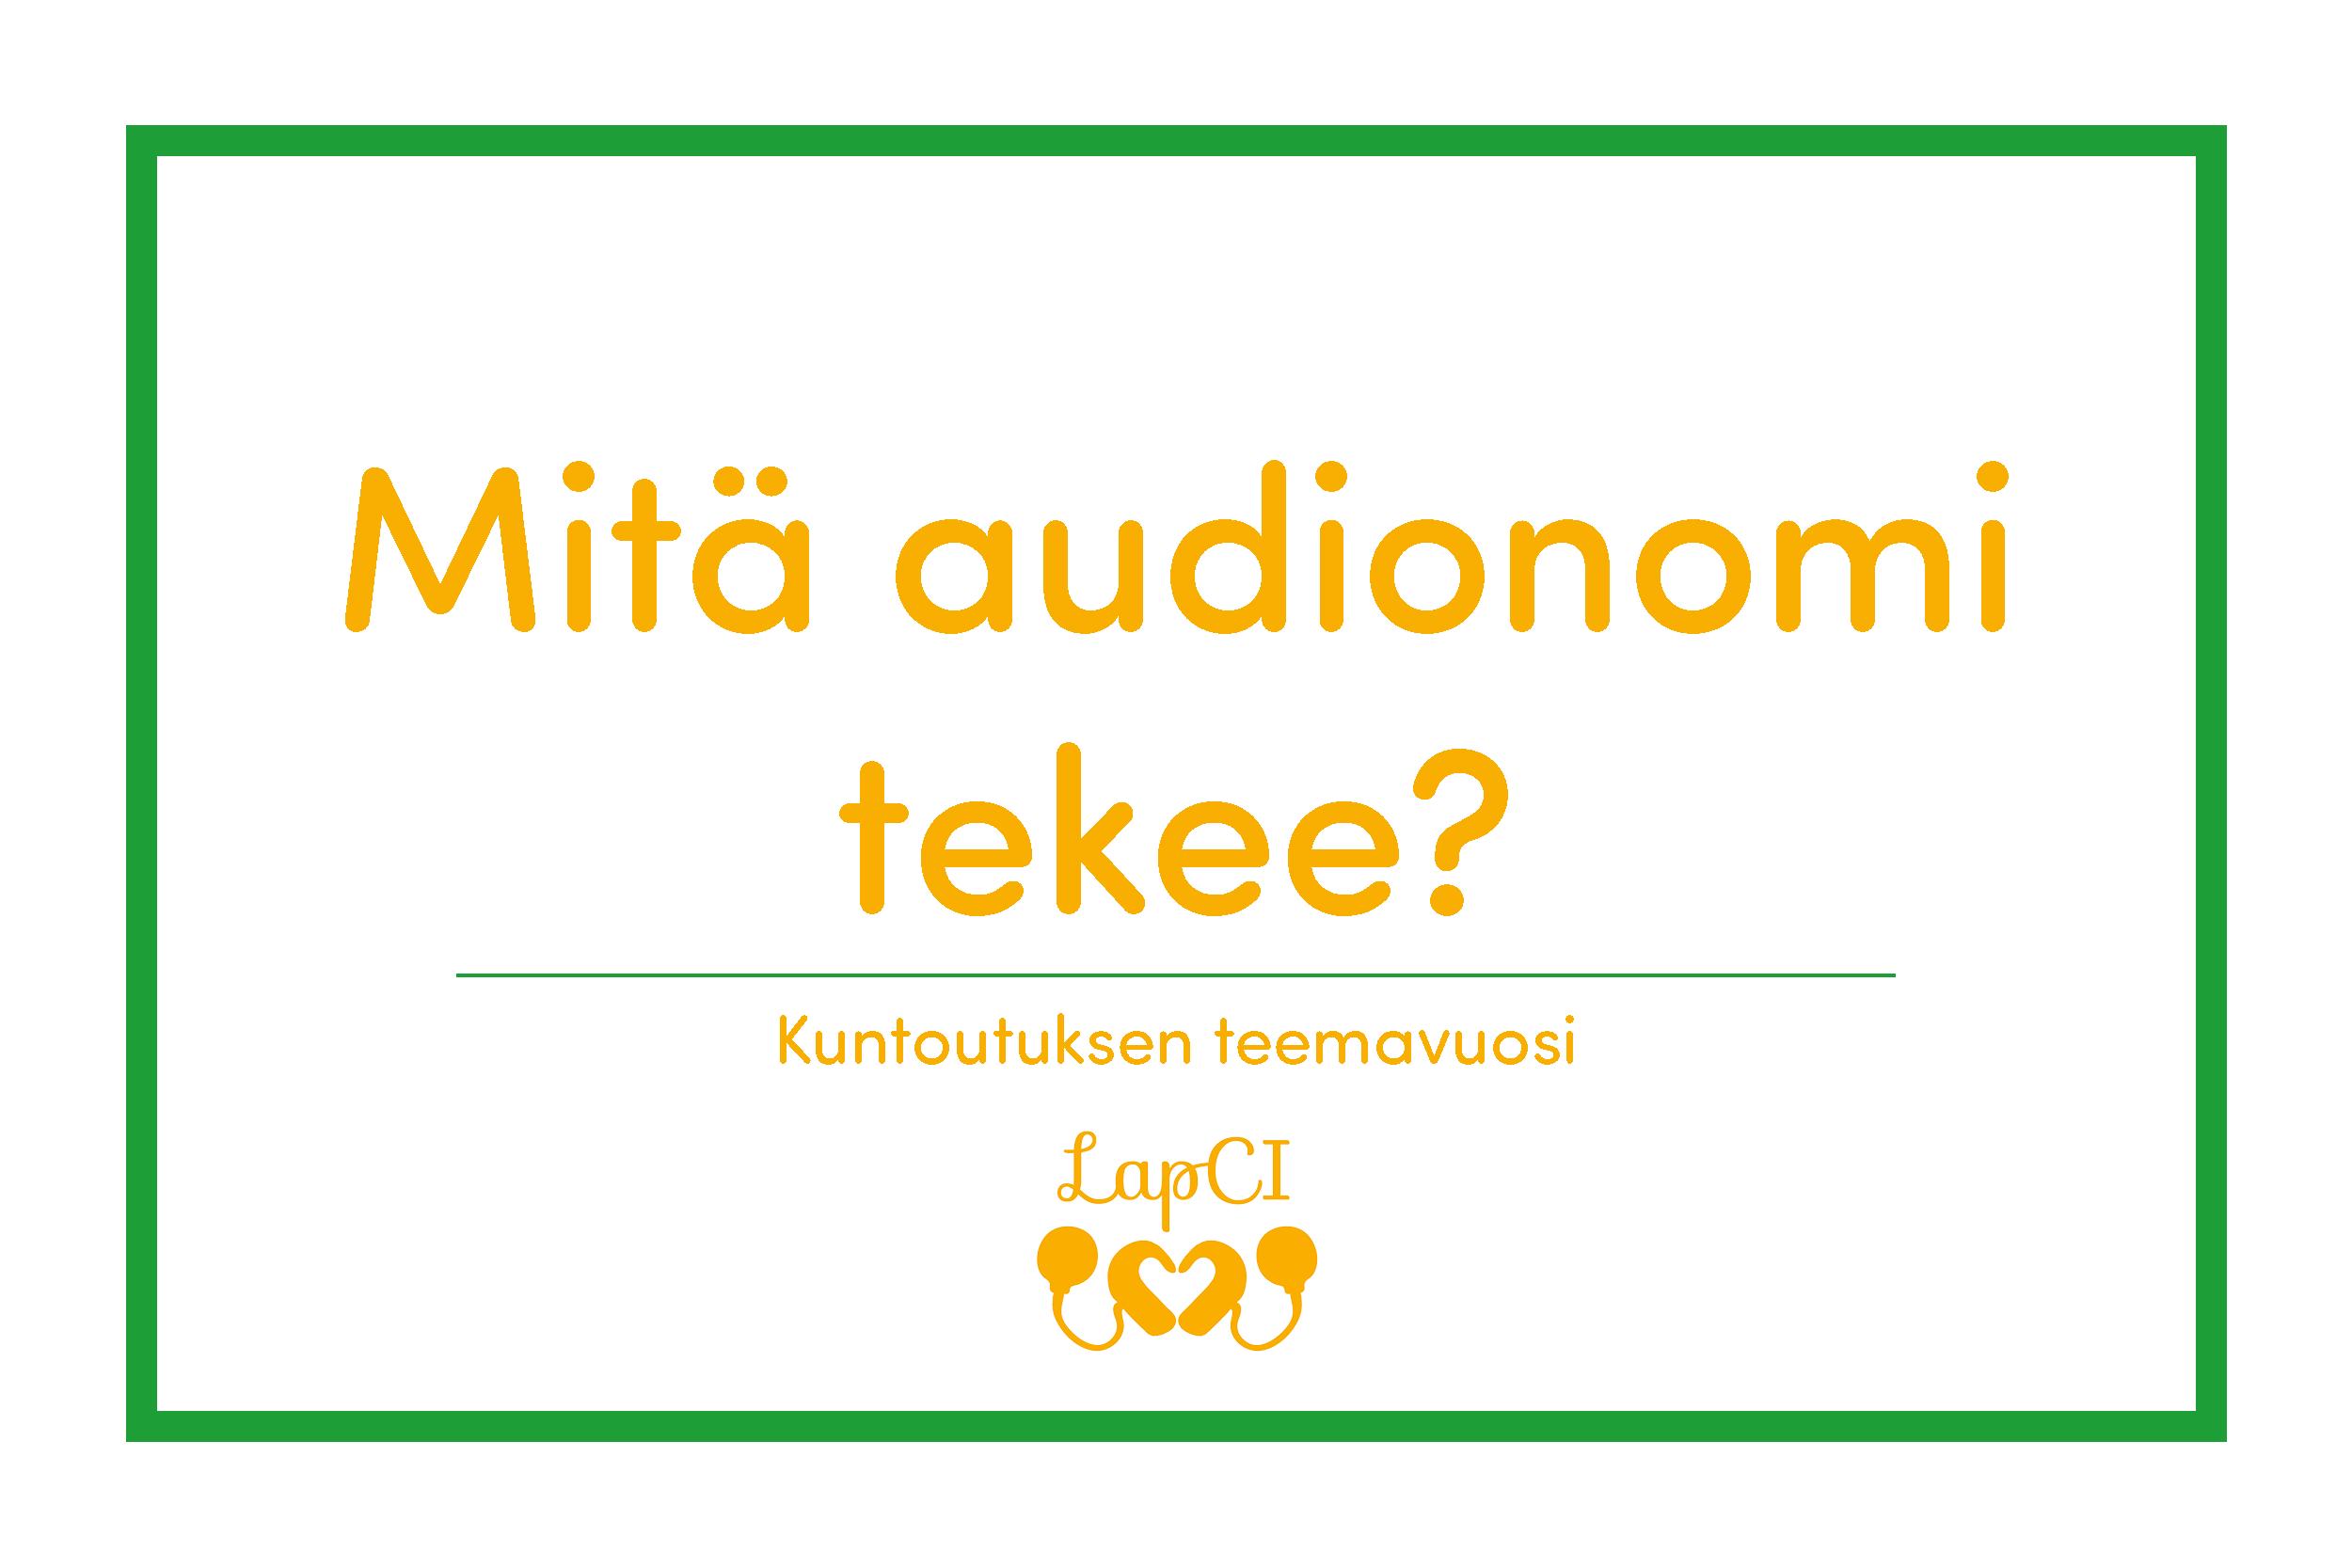 """Kuvassa lukee """"Mitä audionomi tekee? Kuntoutuksen teemavuosi"""""""